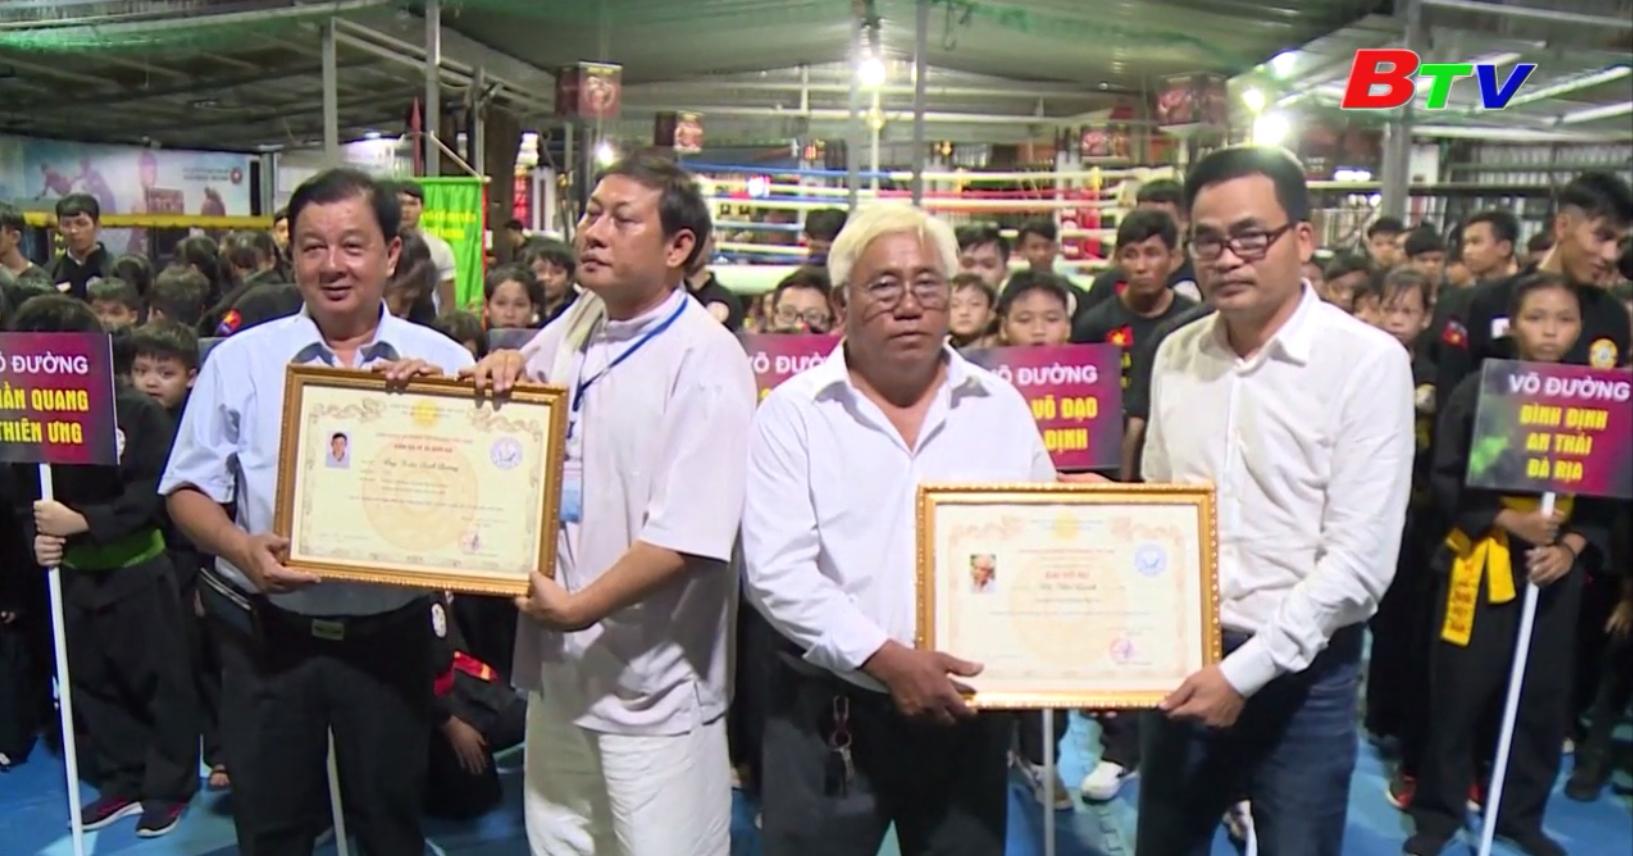 Giải võ thuật cổ truyền Quang Trung mở rộng tỉnh Bình Dương năm 2019 - Góp phần bảo tồn tinh hoa võ dân tộc